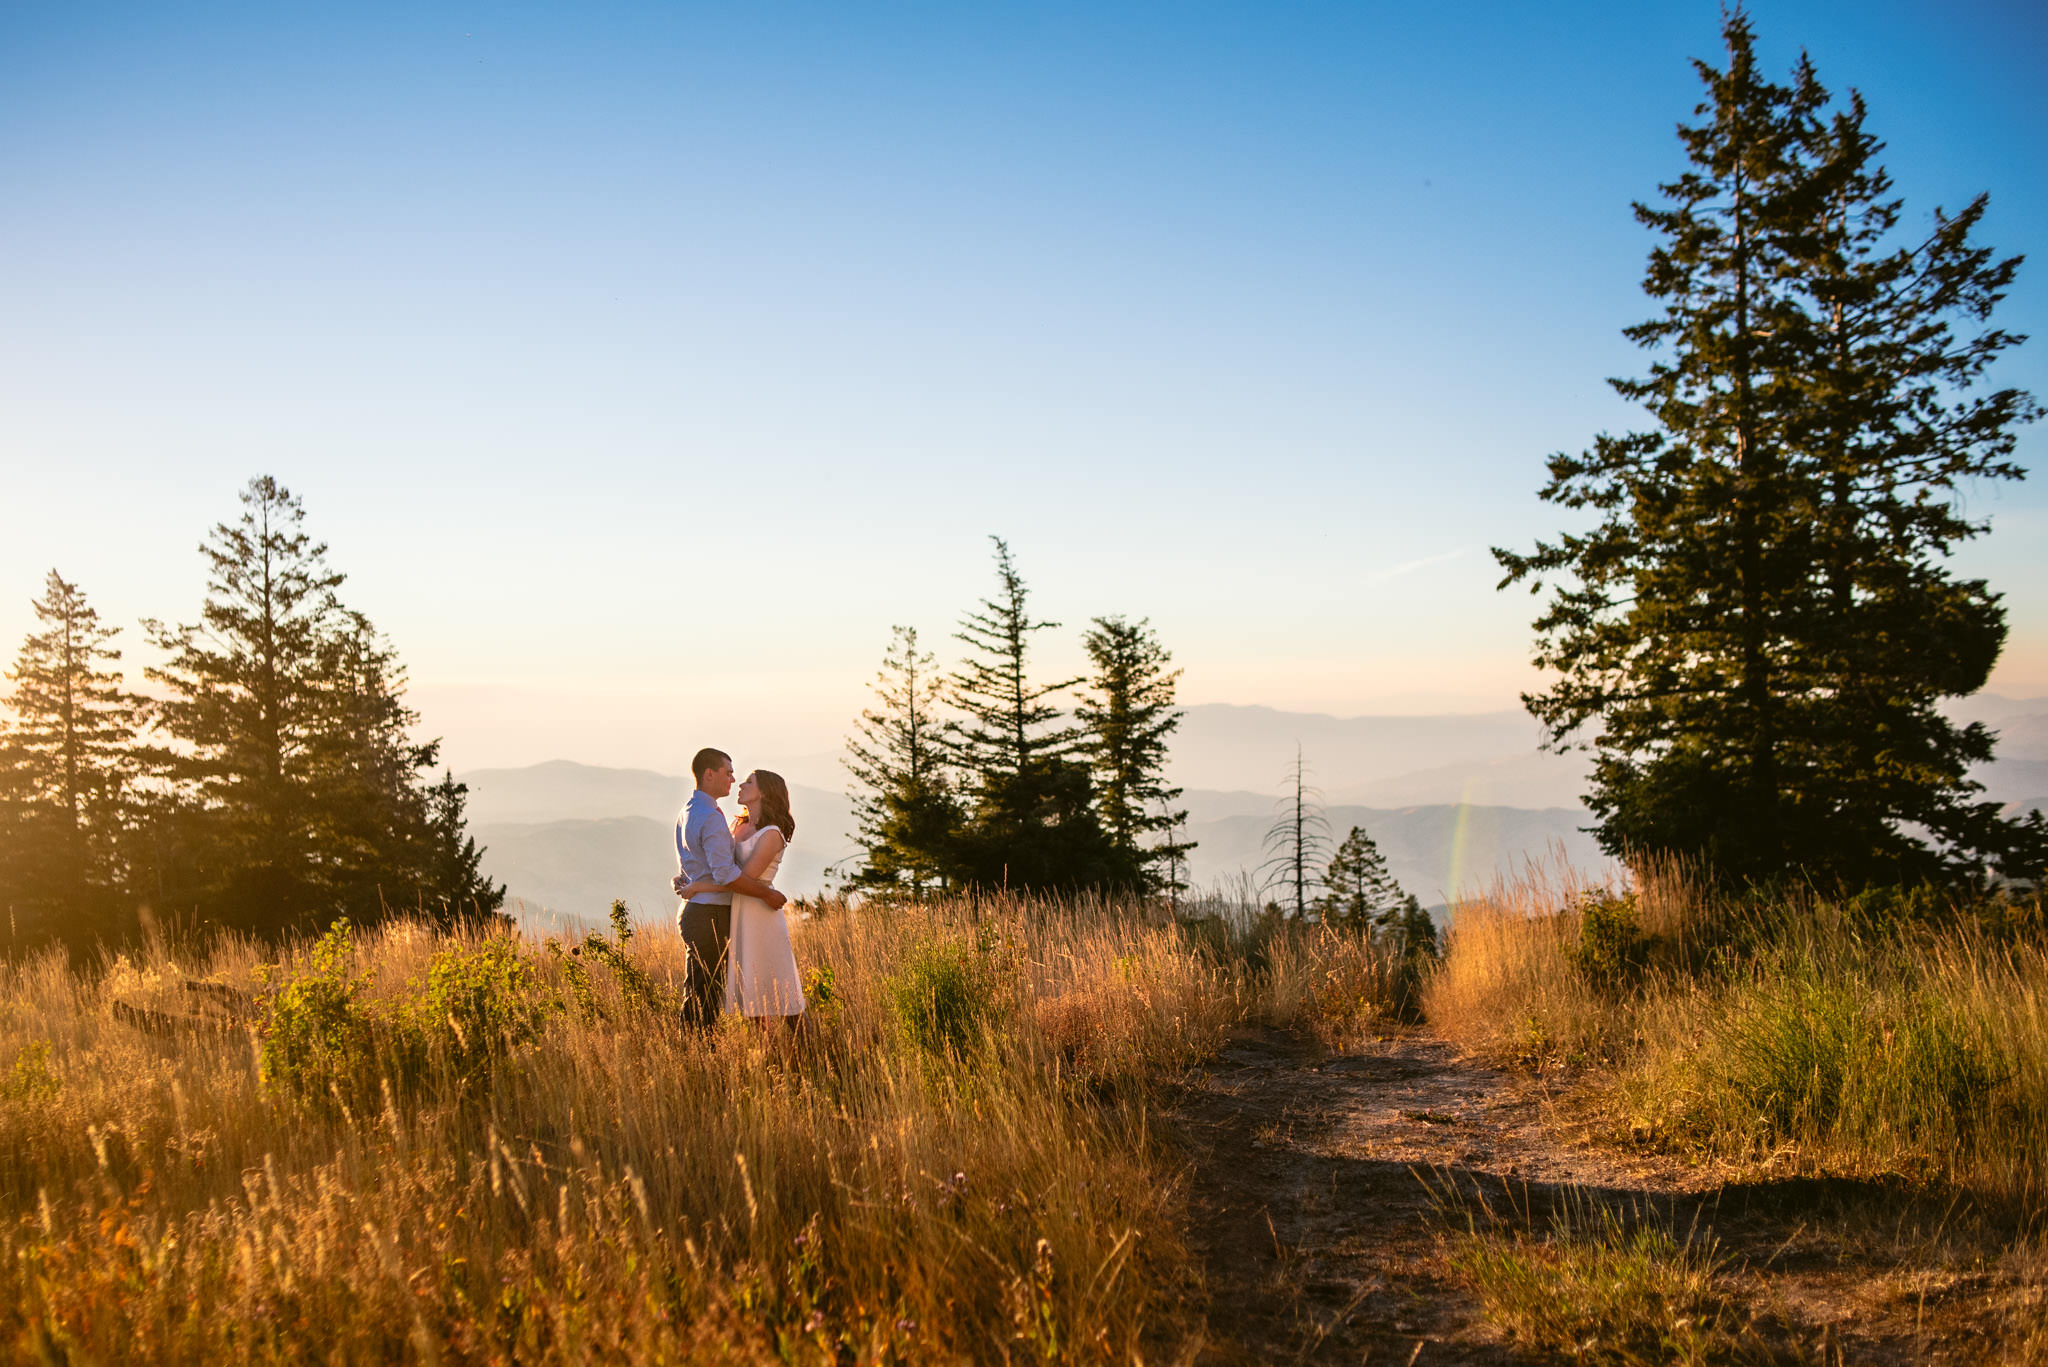 Zilla Photography - Bogus Basin Idaho Outdoor Summer DIY Wedding-18.jpg